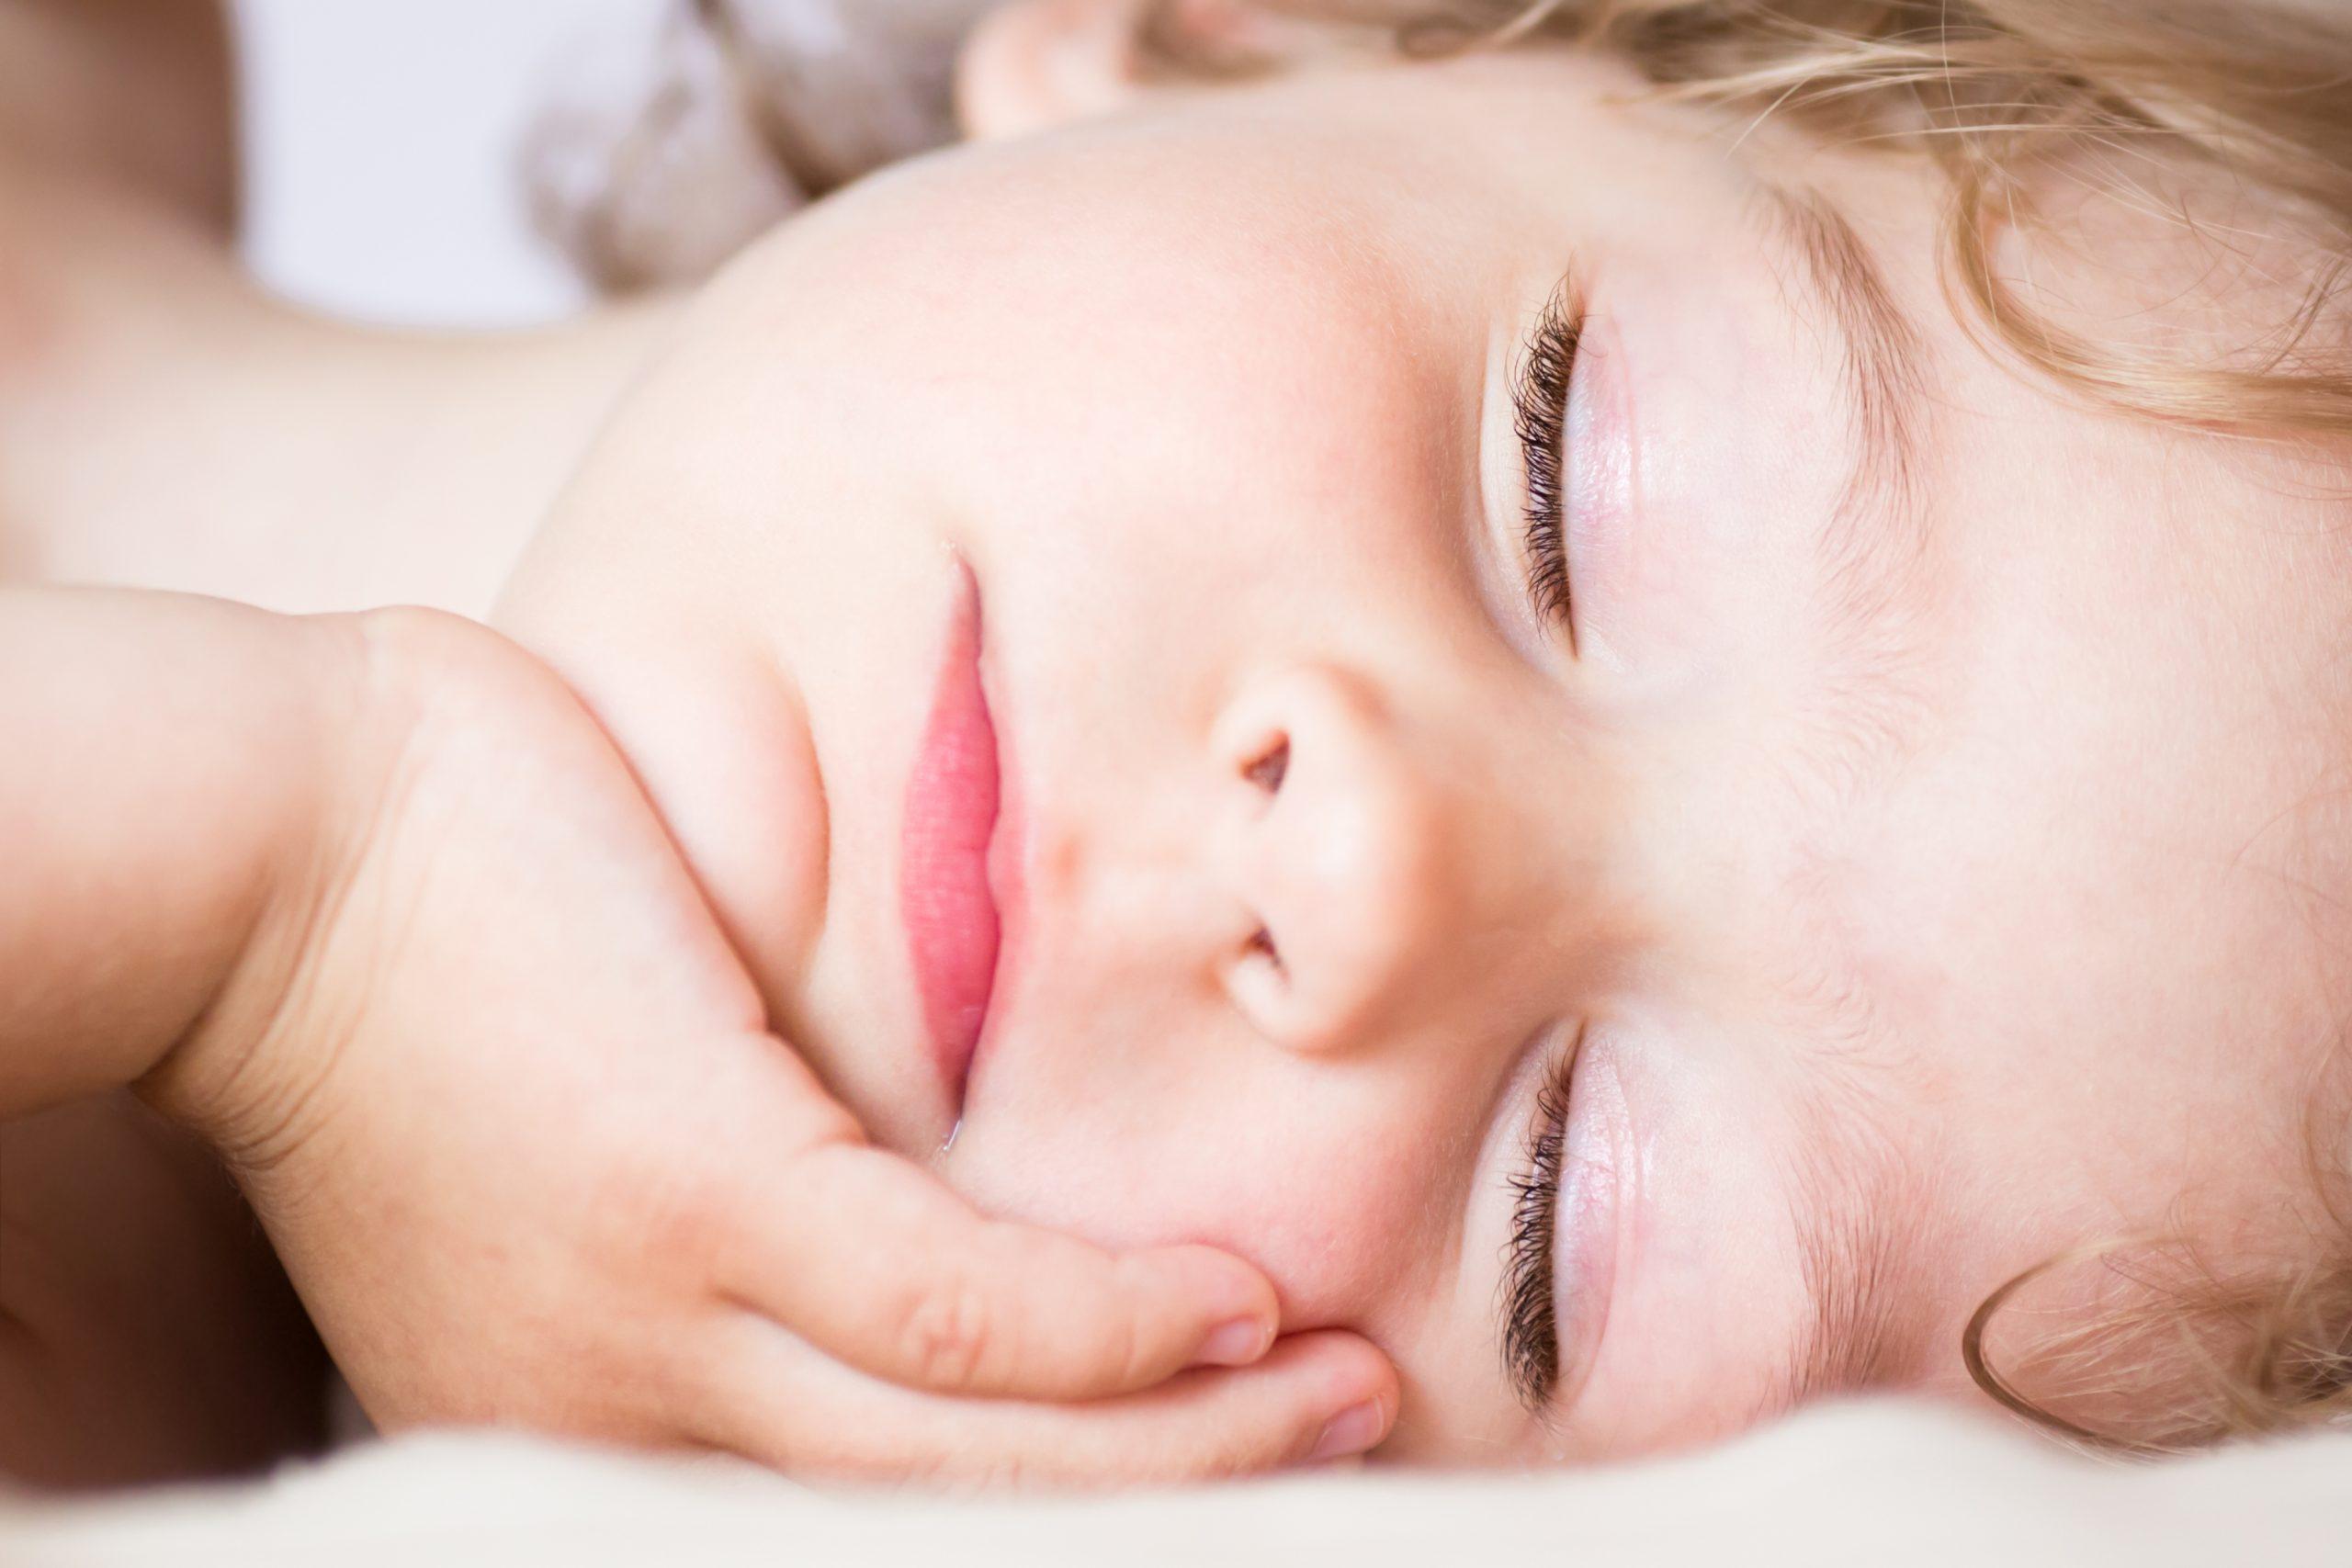 Portrait of the sleeping beautiful baby girl